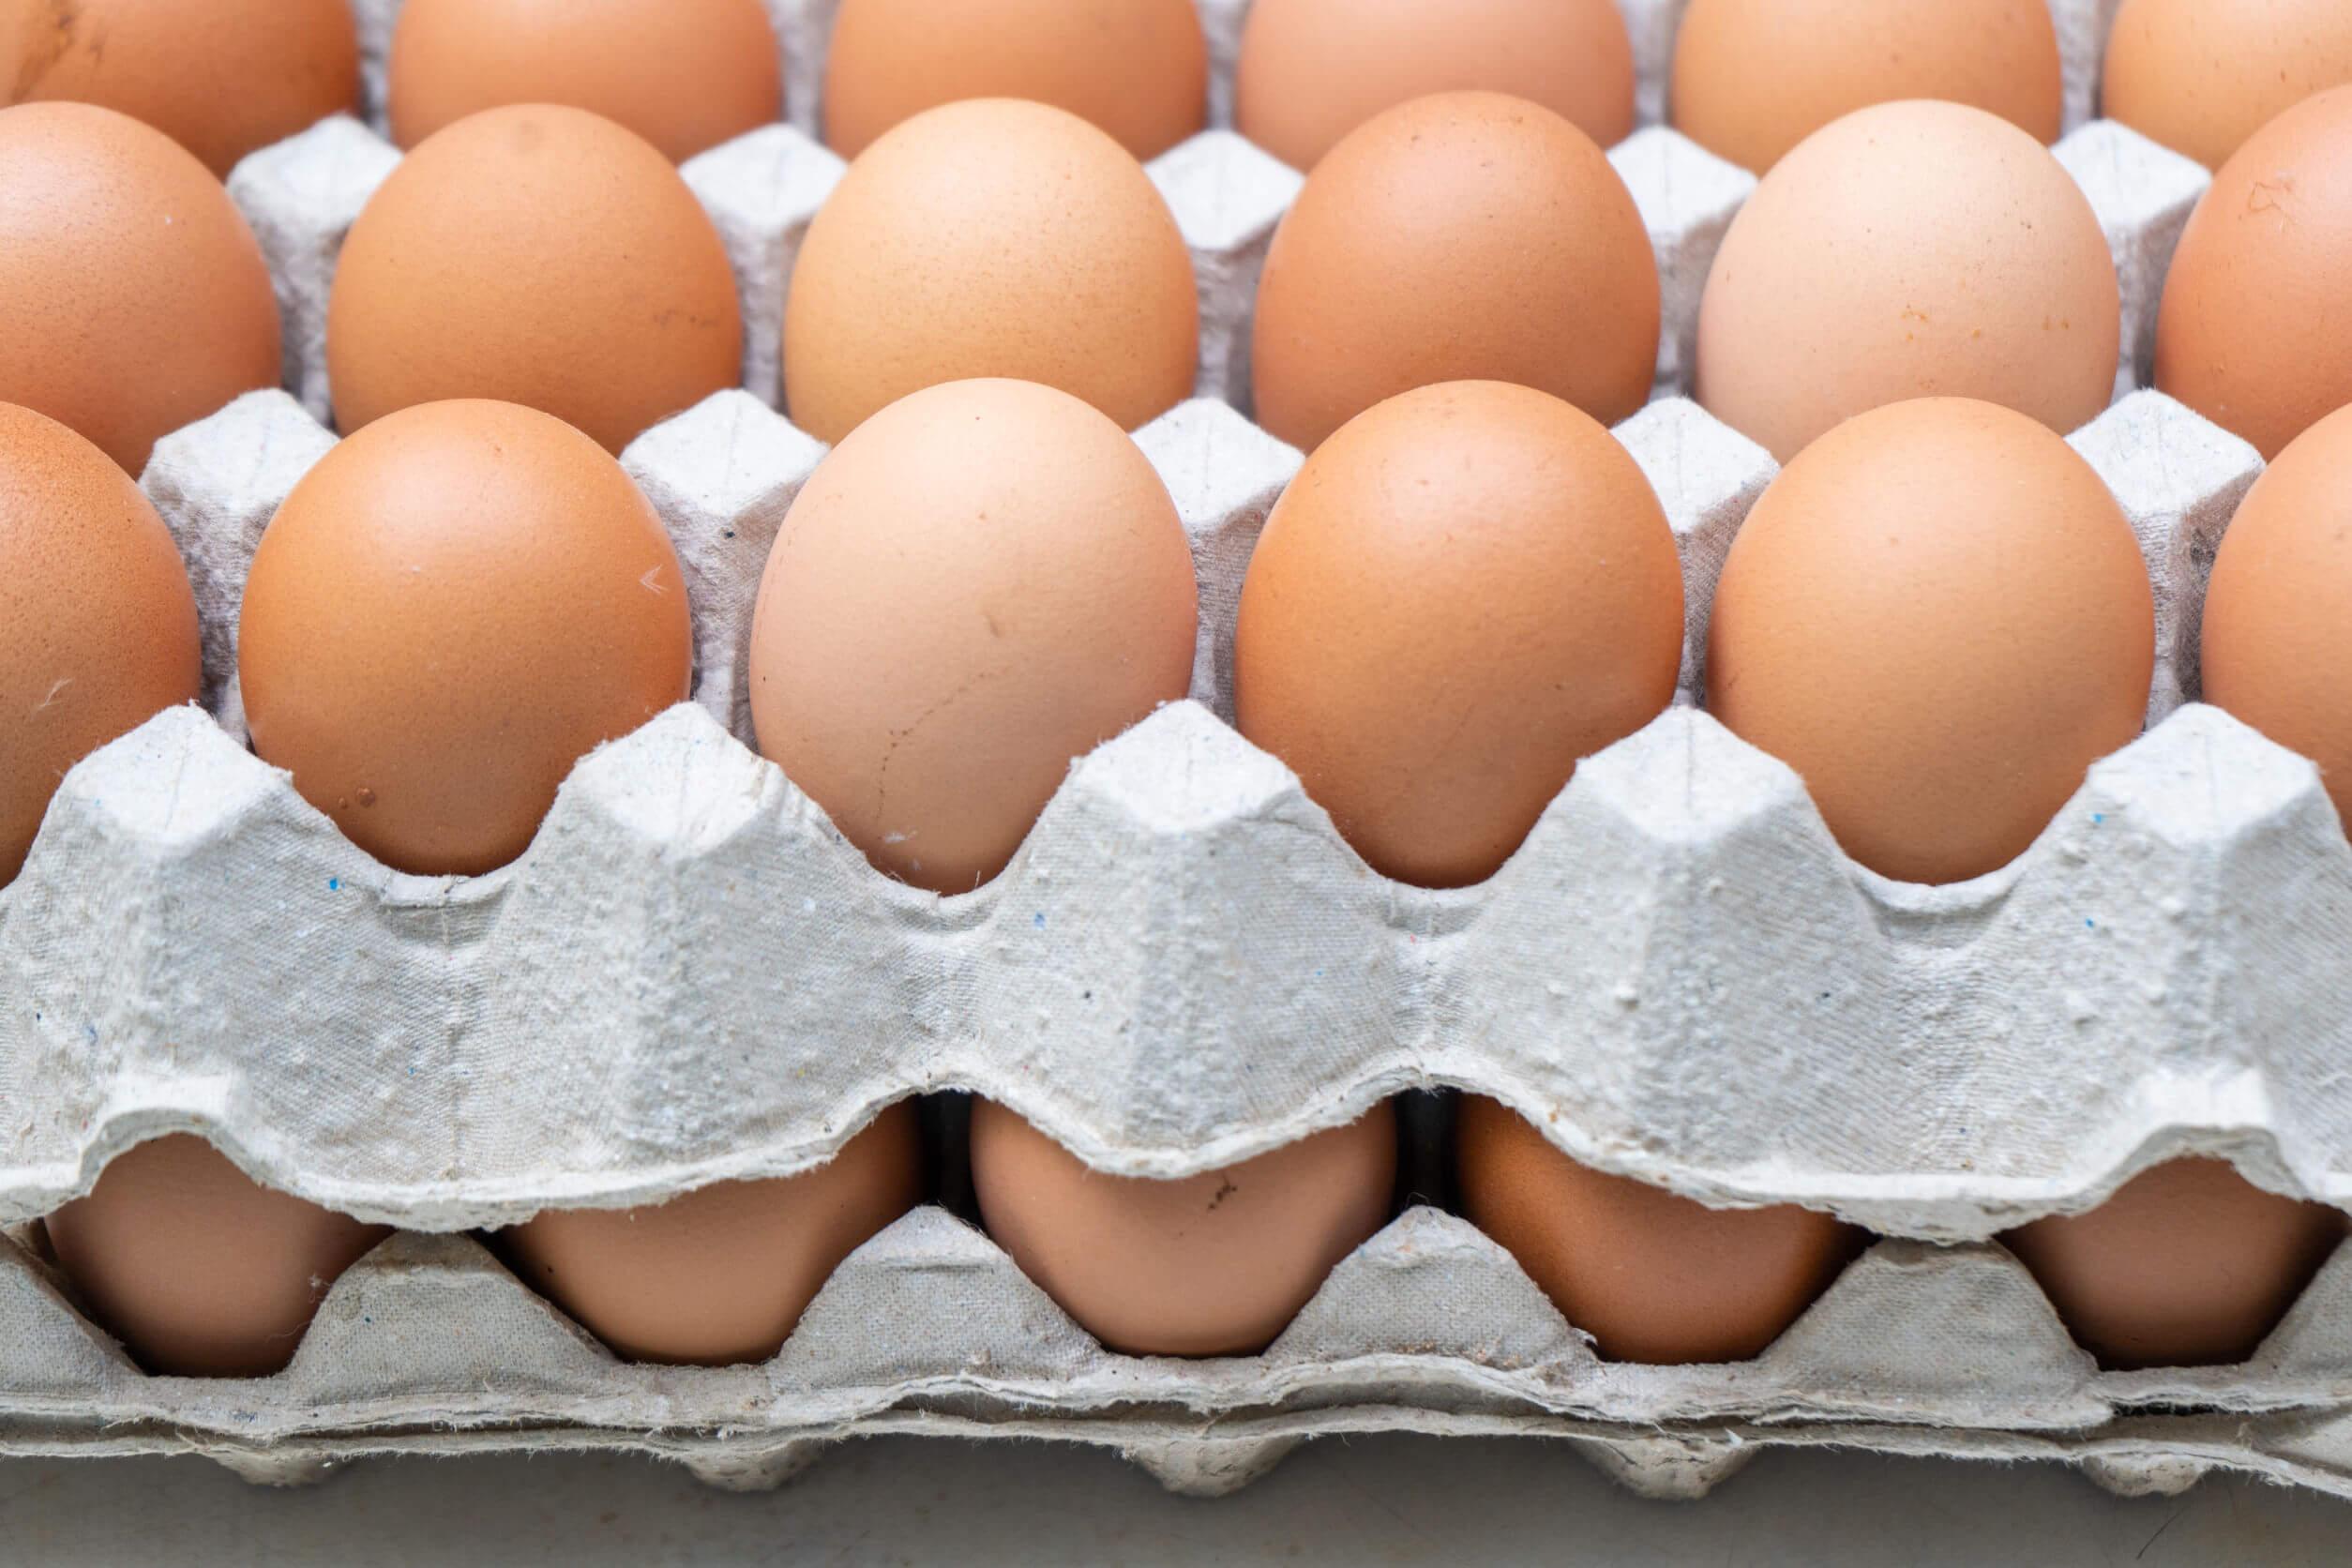 Al dejar de comer carne se pueden comer huevos.